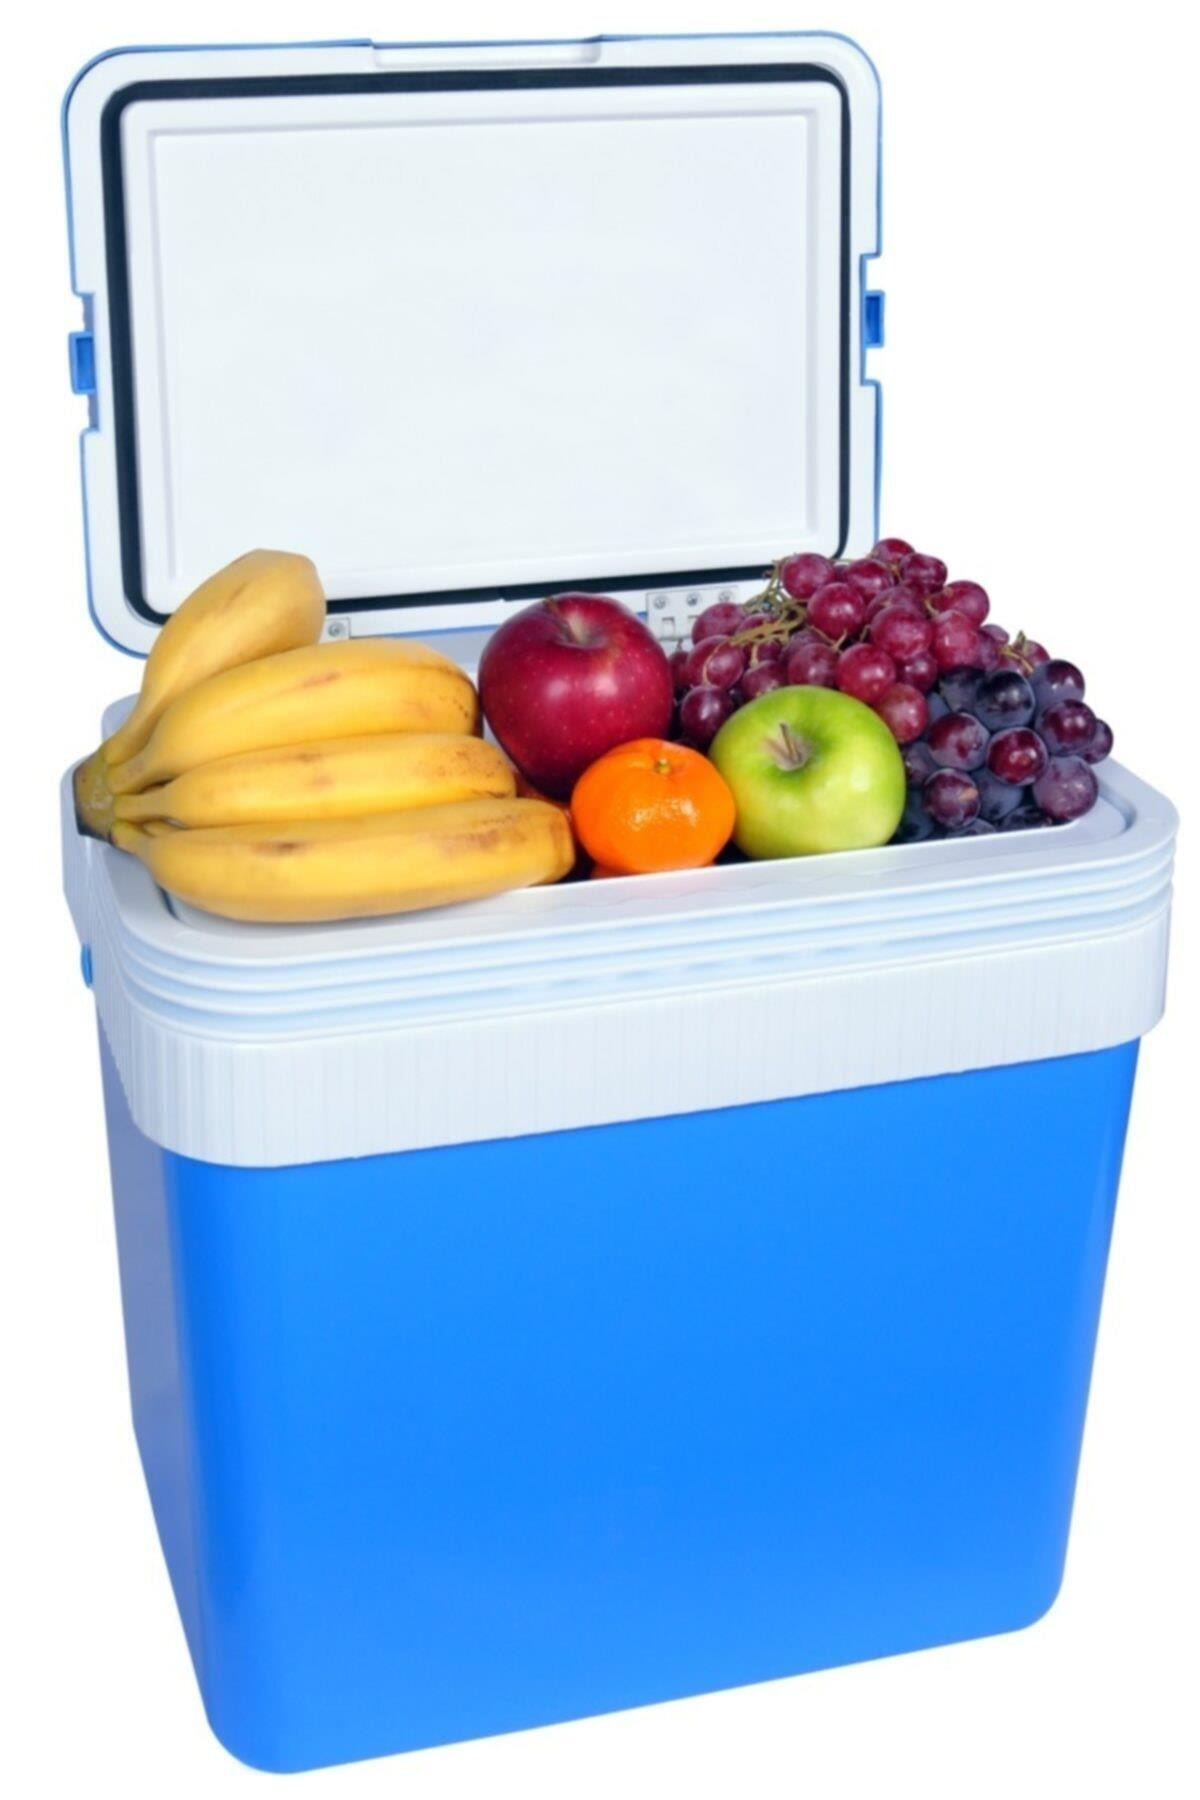 حقيبة حمل للثلج سعة 26 لترًا ، زجاجة ماء ، قارورة سفر ، قارورة ماء ، قارورة حرارية ، قهوة